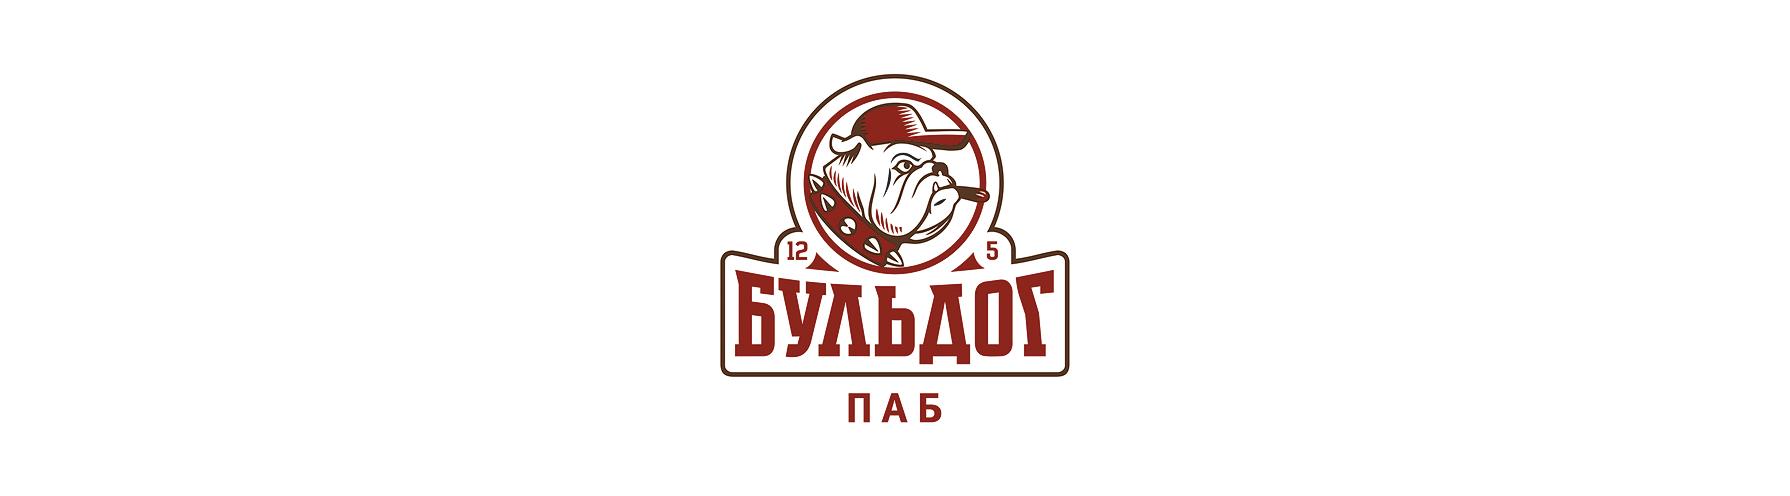 Бульдог лого